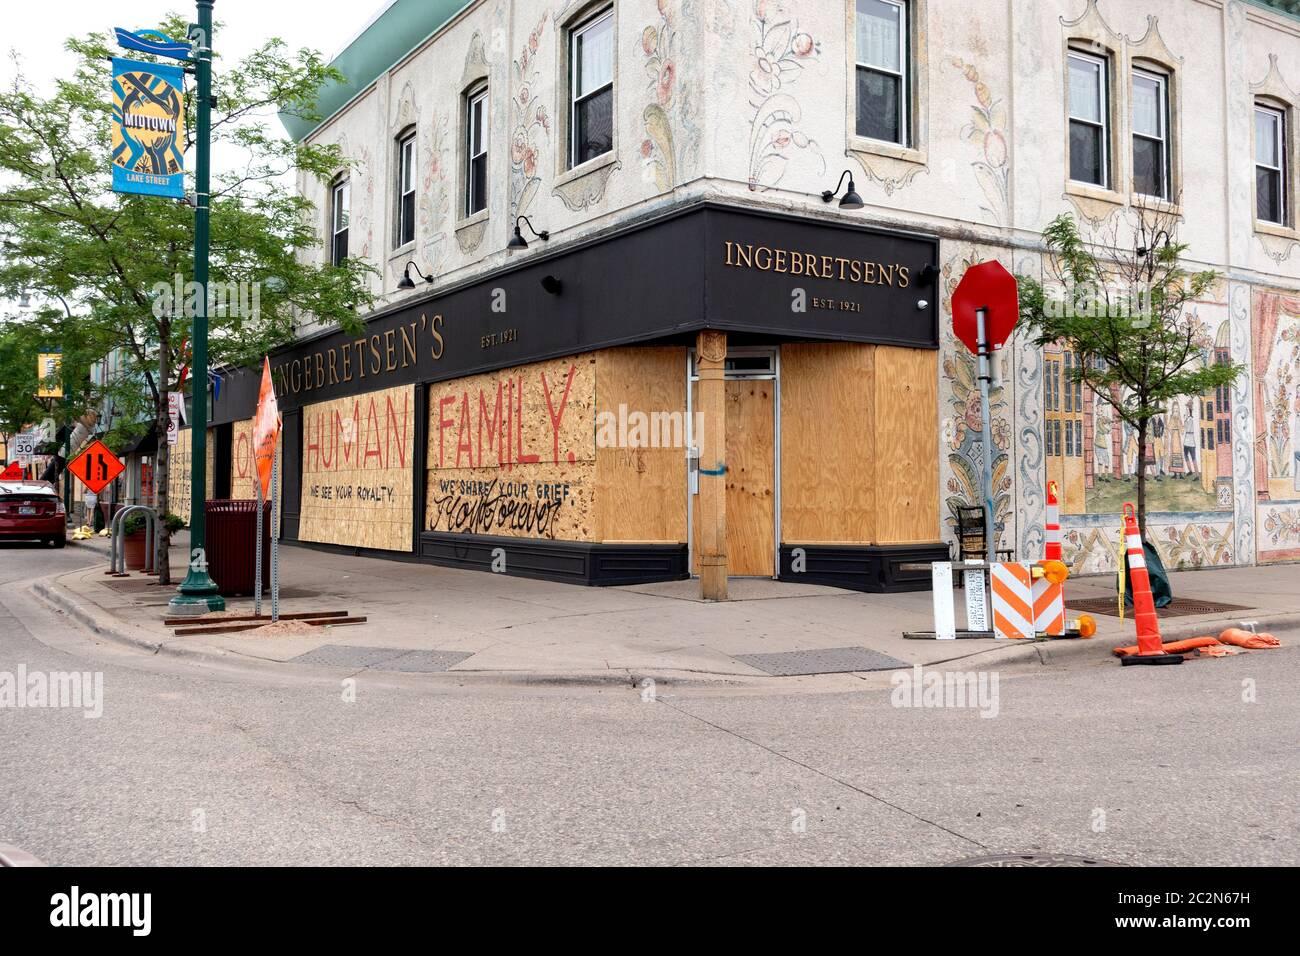 Le finestre in legno compensato del negozio di articoli da regalo e alimentari di Ingebretsen su Lake Street dichiarano 'Famiglia umana' in onore di George Floyd. Minneapolis Minnesota, Minnesota, Stati Uniti Foto Stock